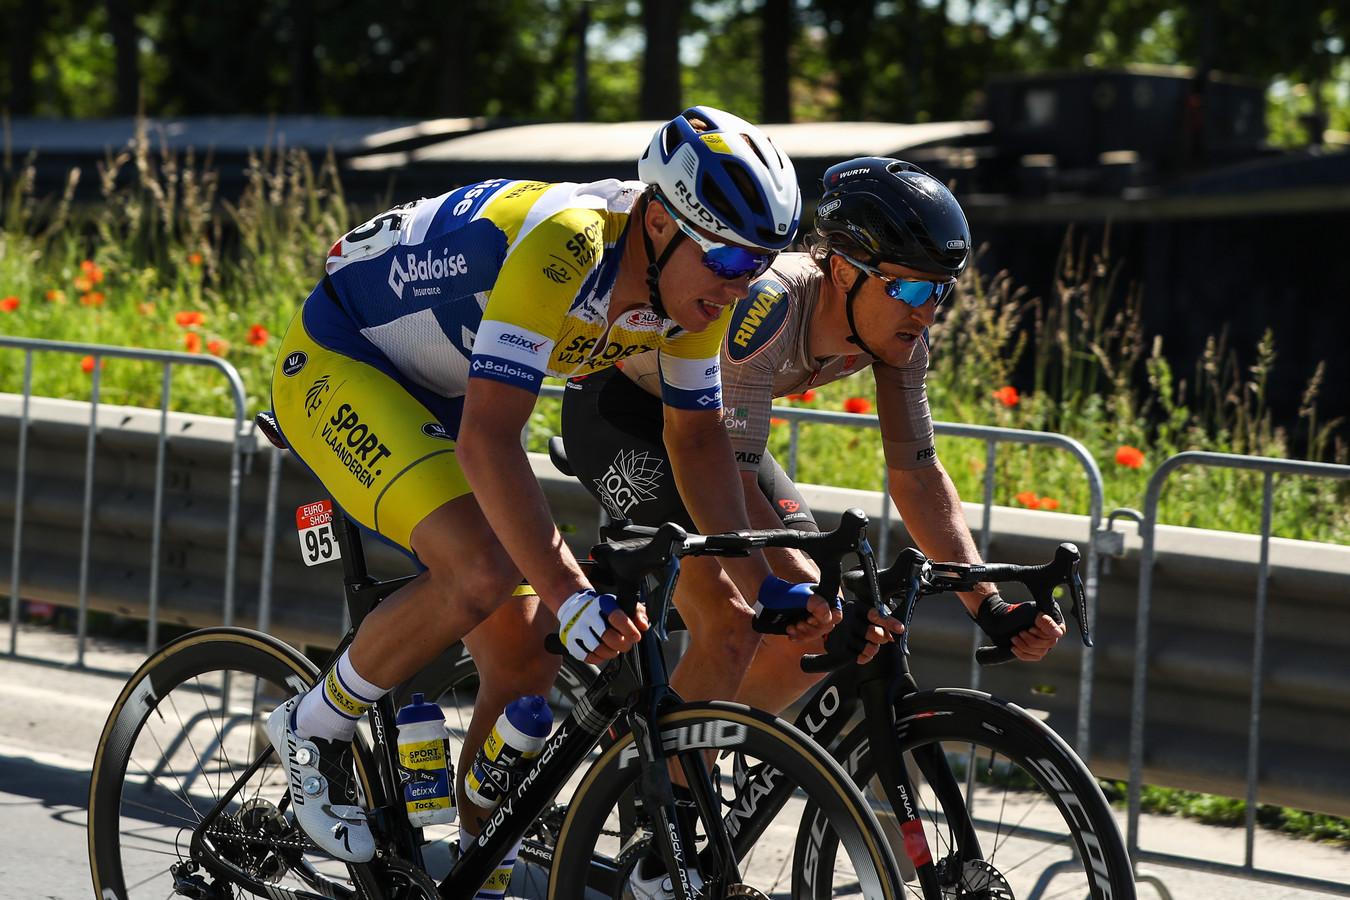 Nick van der Lijke werd woensdag 27ste in de tweede etappe van de Ronde van Wallonië.